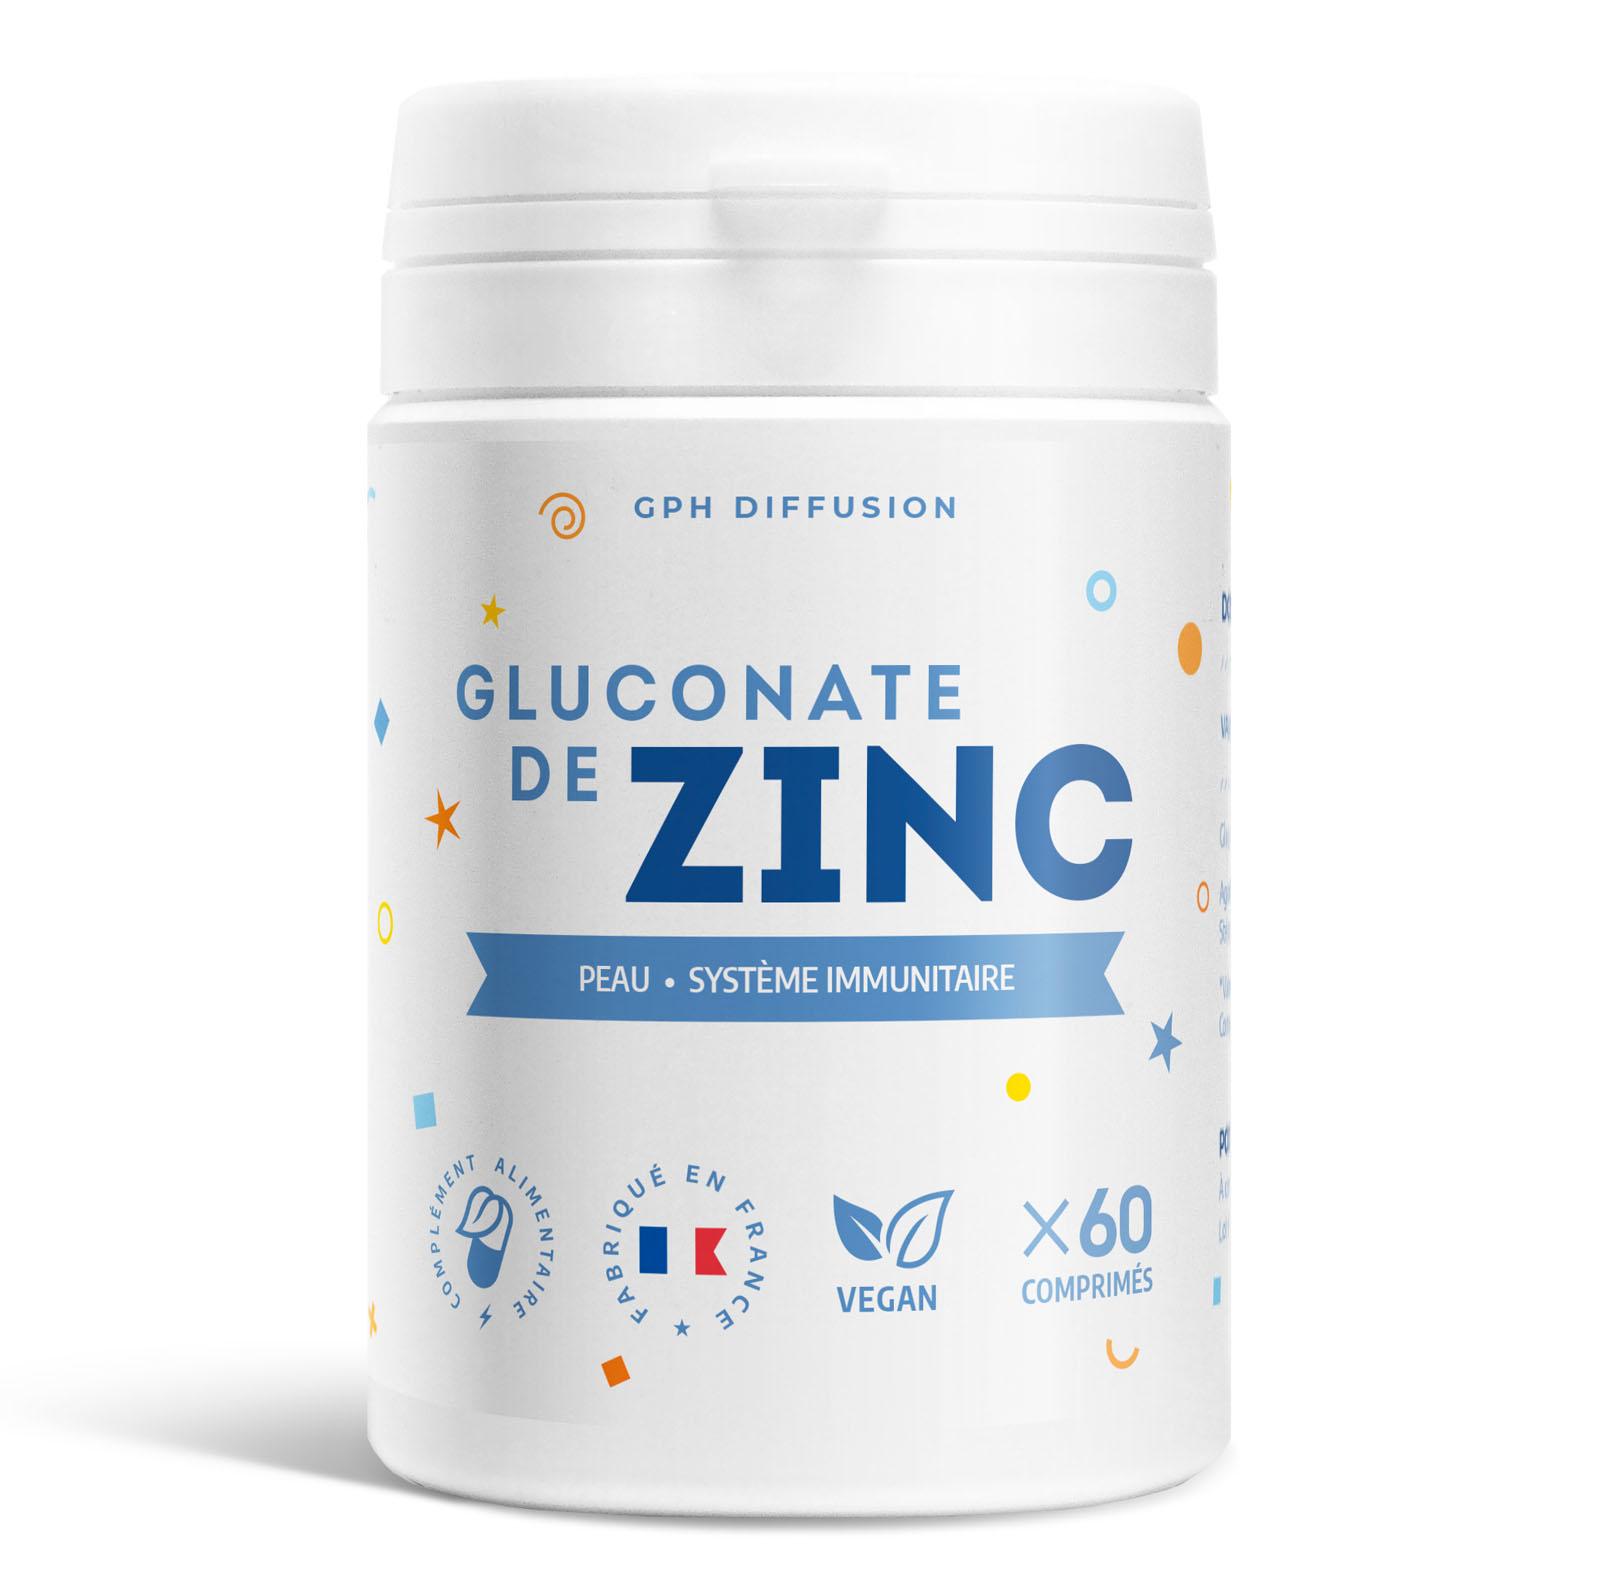 Gph diffusion - Gluconate de zinc - 15 mg - 60 comprimés